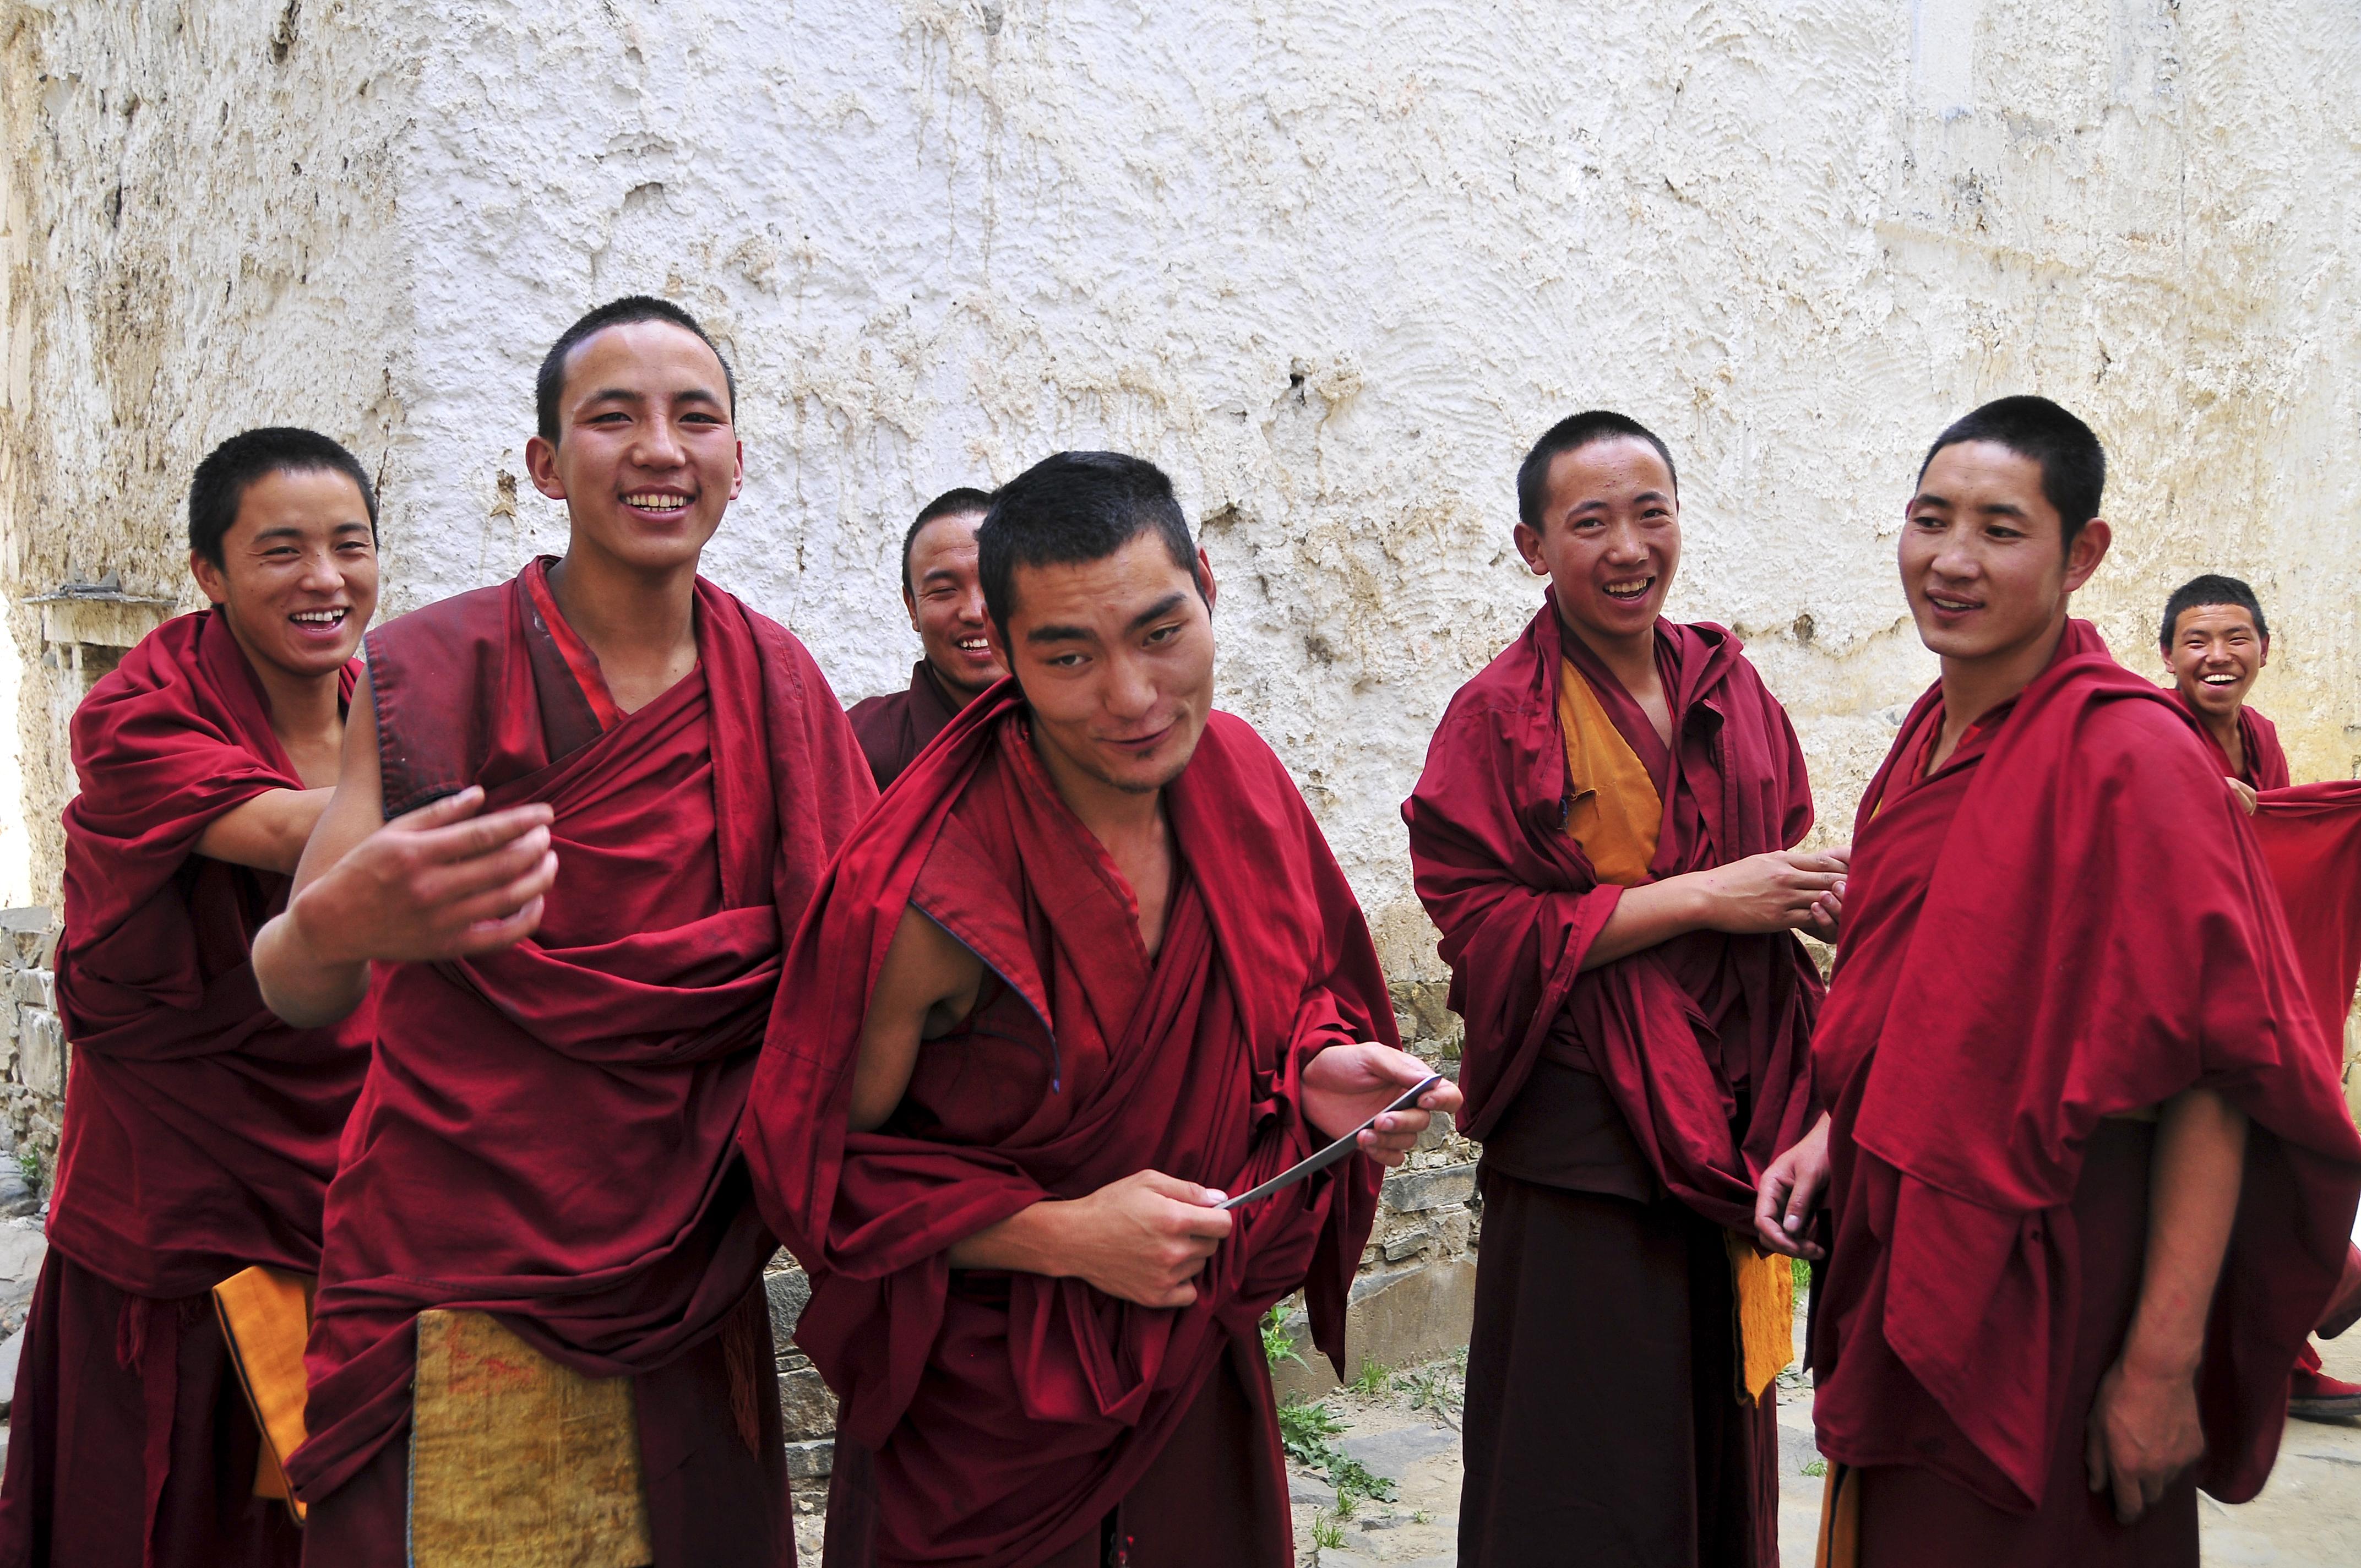 Learning Journey Nepal, Butão e Tibet: conexão com a natureza interna e externa